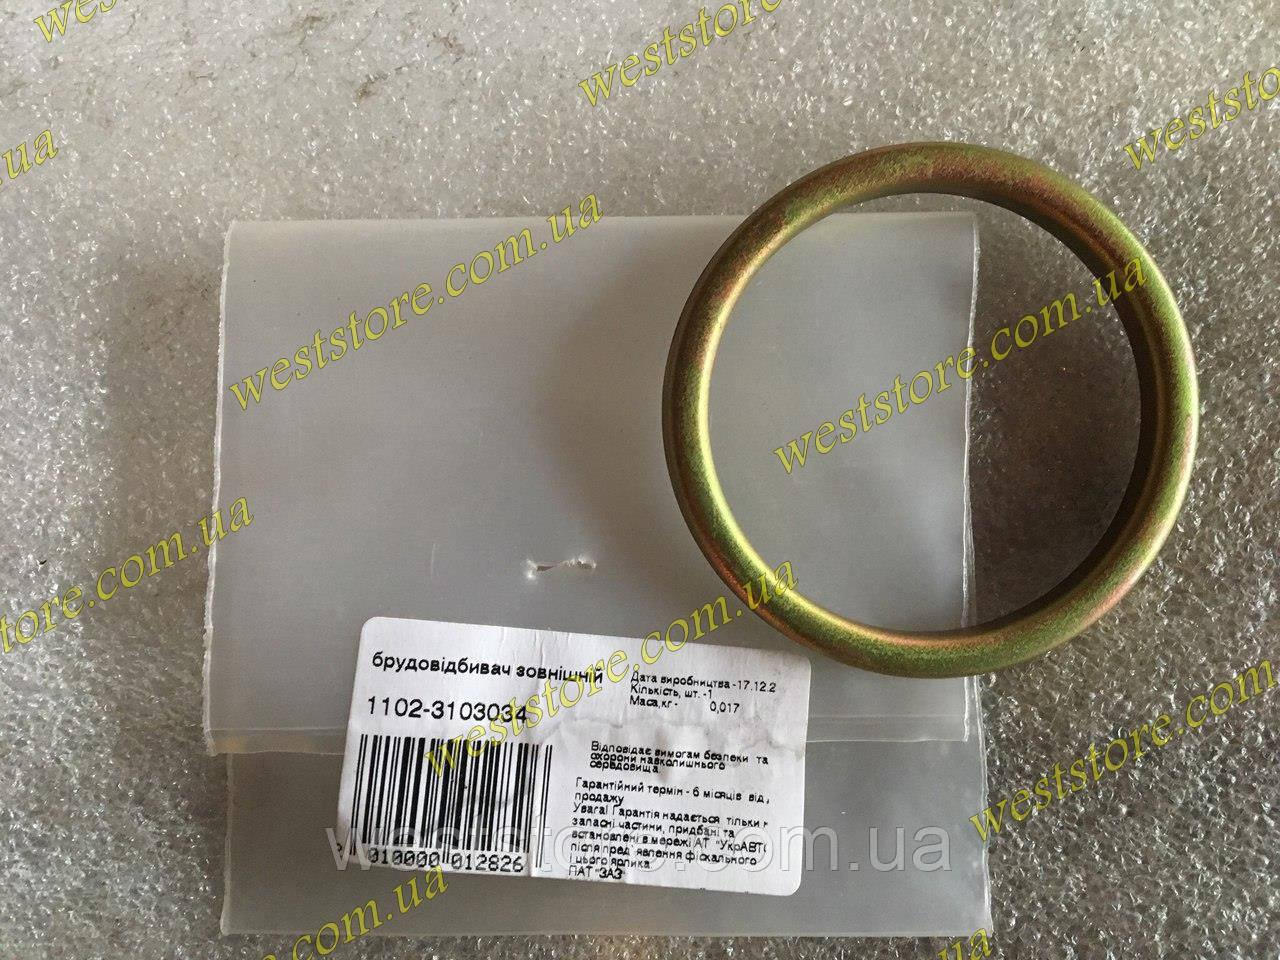 Грязеотражатель переднего подшипника Заз 1102 1103 таврия славута наружный(низкий бурт)